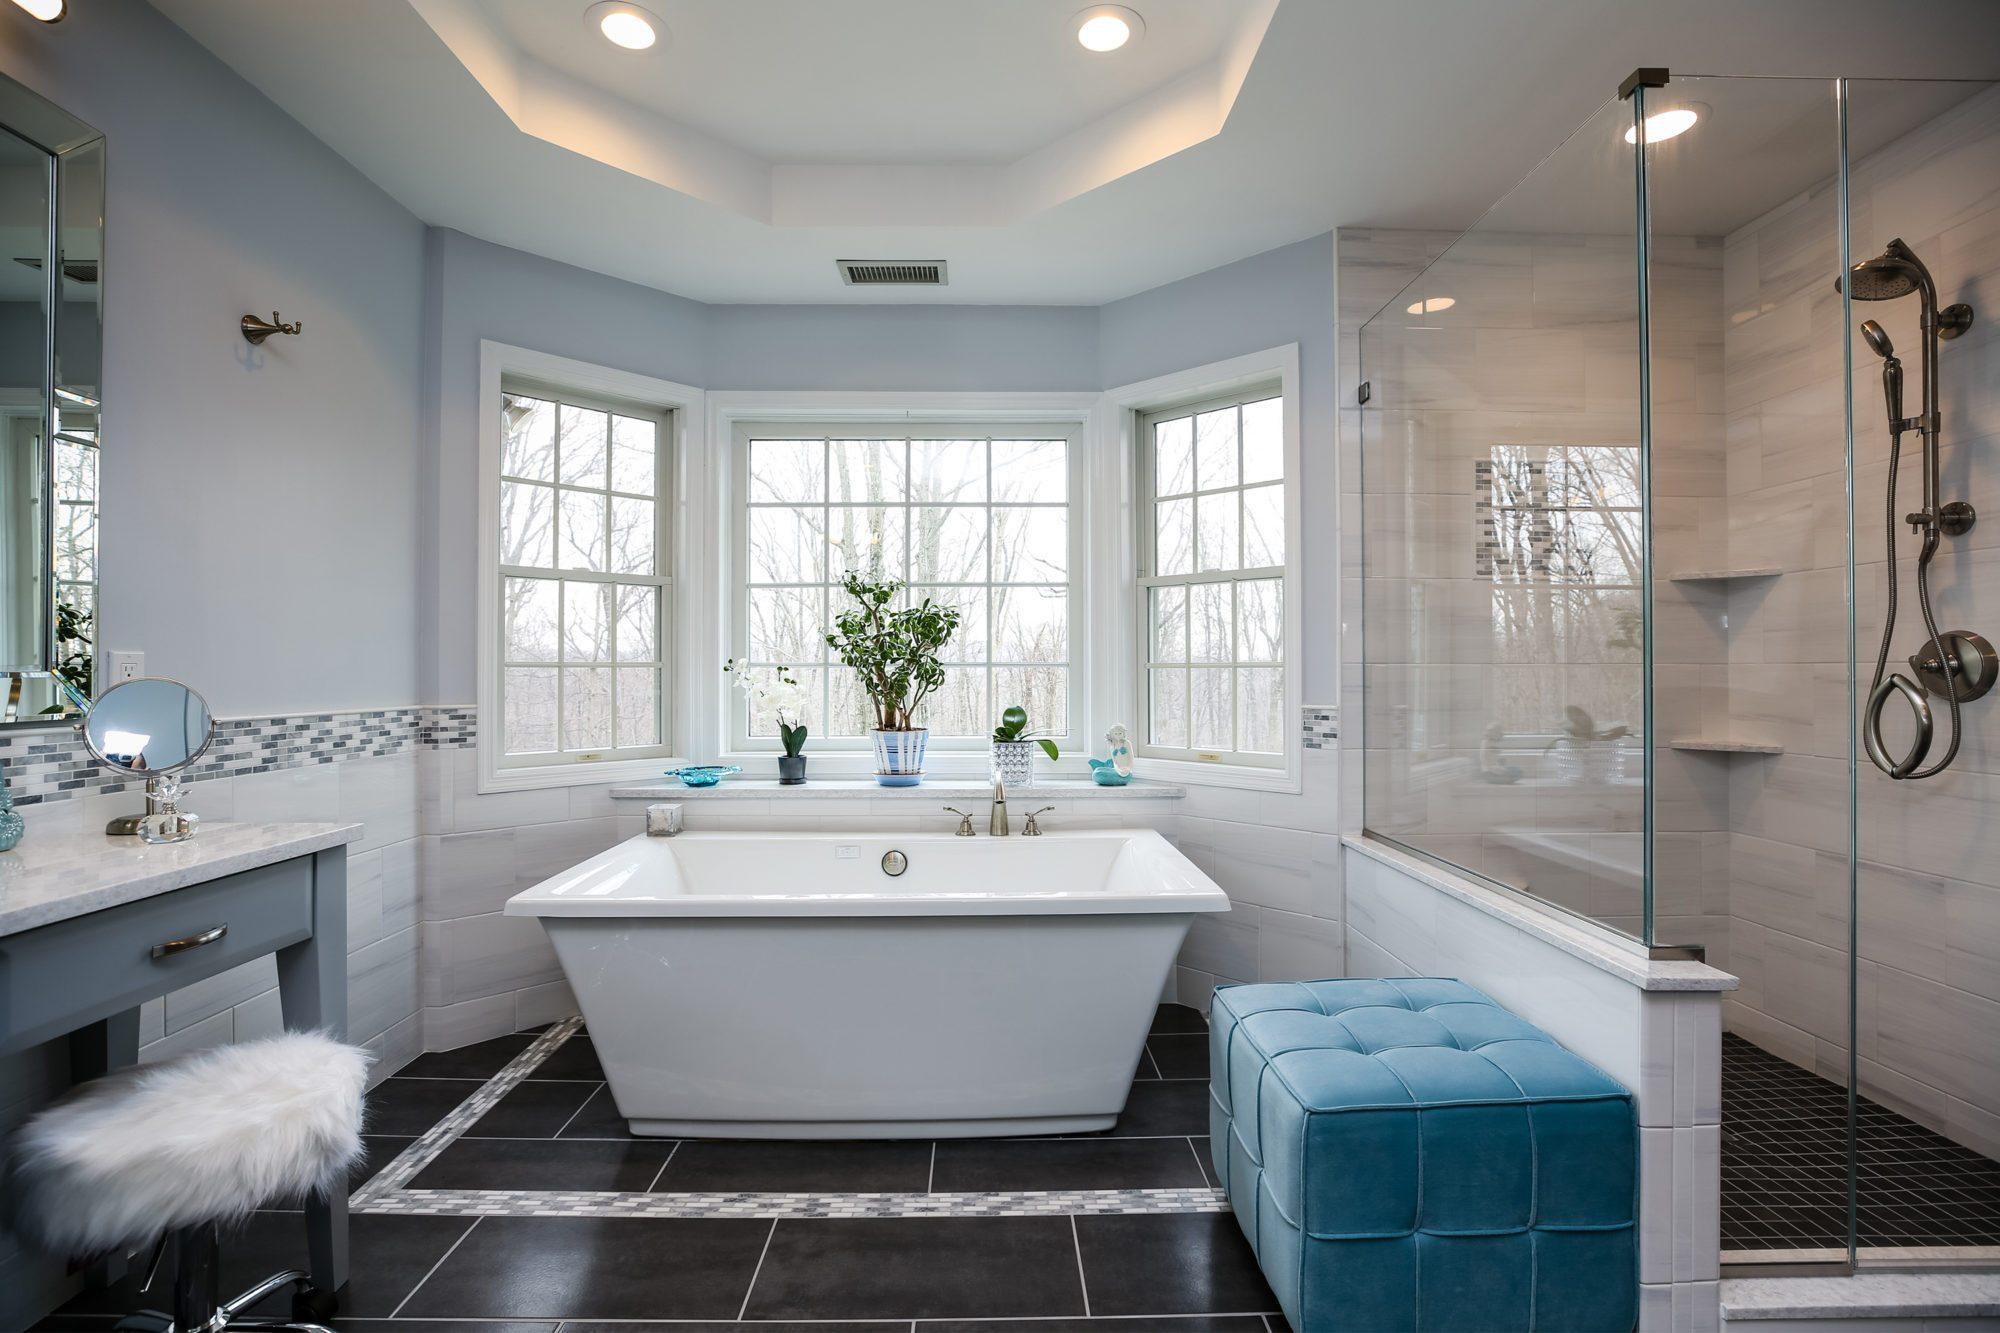 Fiore Freestanding Bath in White